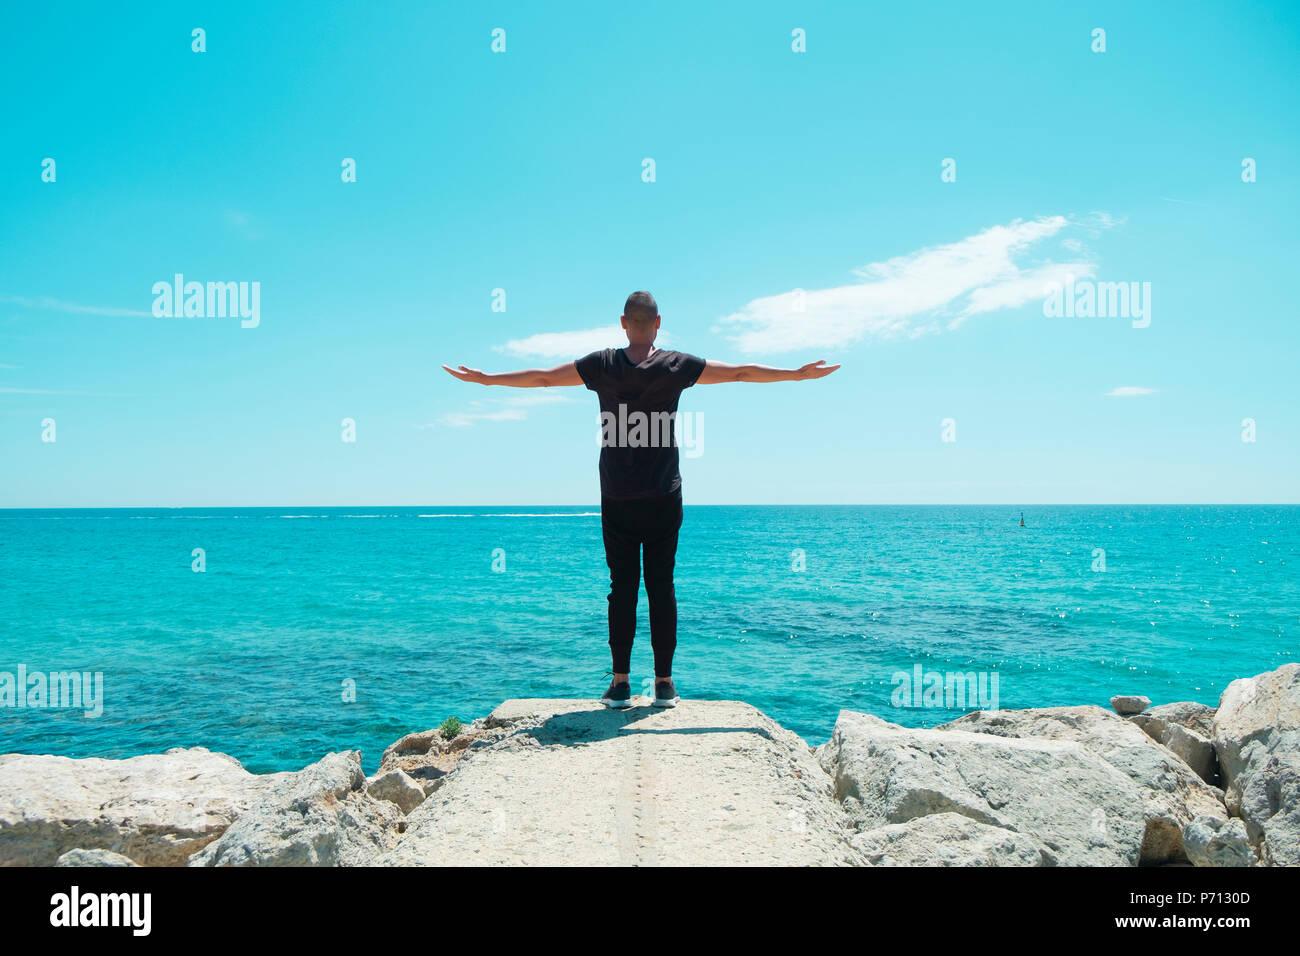 Un joven hombre negro caucásico, vistiendo pantalones de sudadera y una camiseta negra, visto desde atrás con sus brazos en el aire delante del océano, sintiéndose libre Imagen De Stock